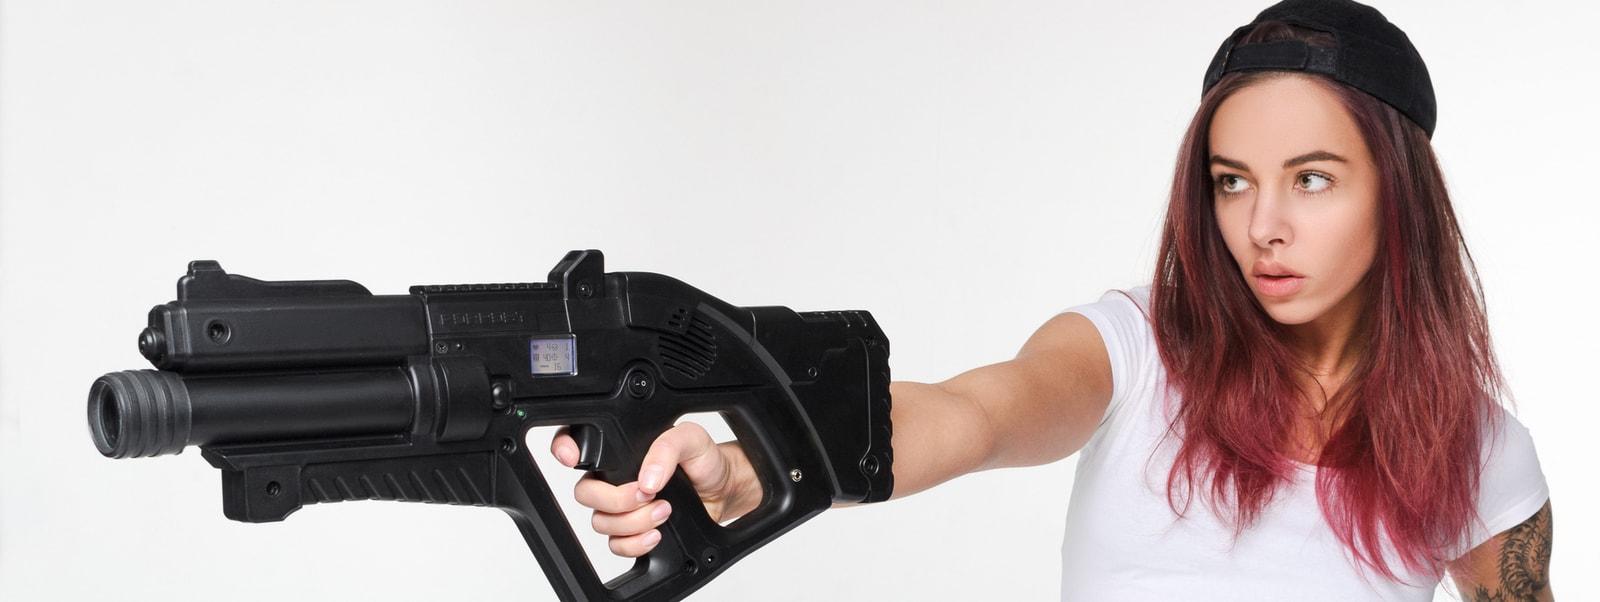 Новинка! Игровые лазертаг-винтовки для каждого